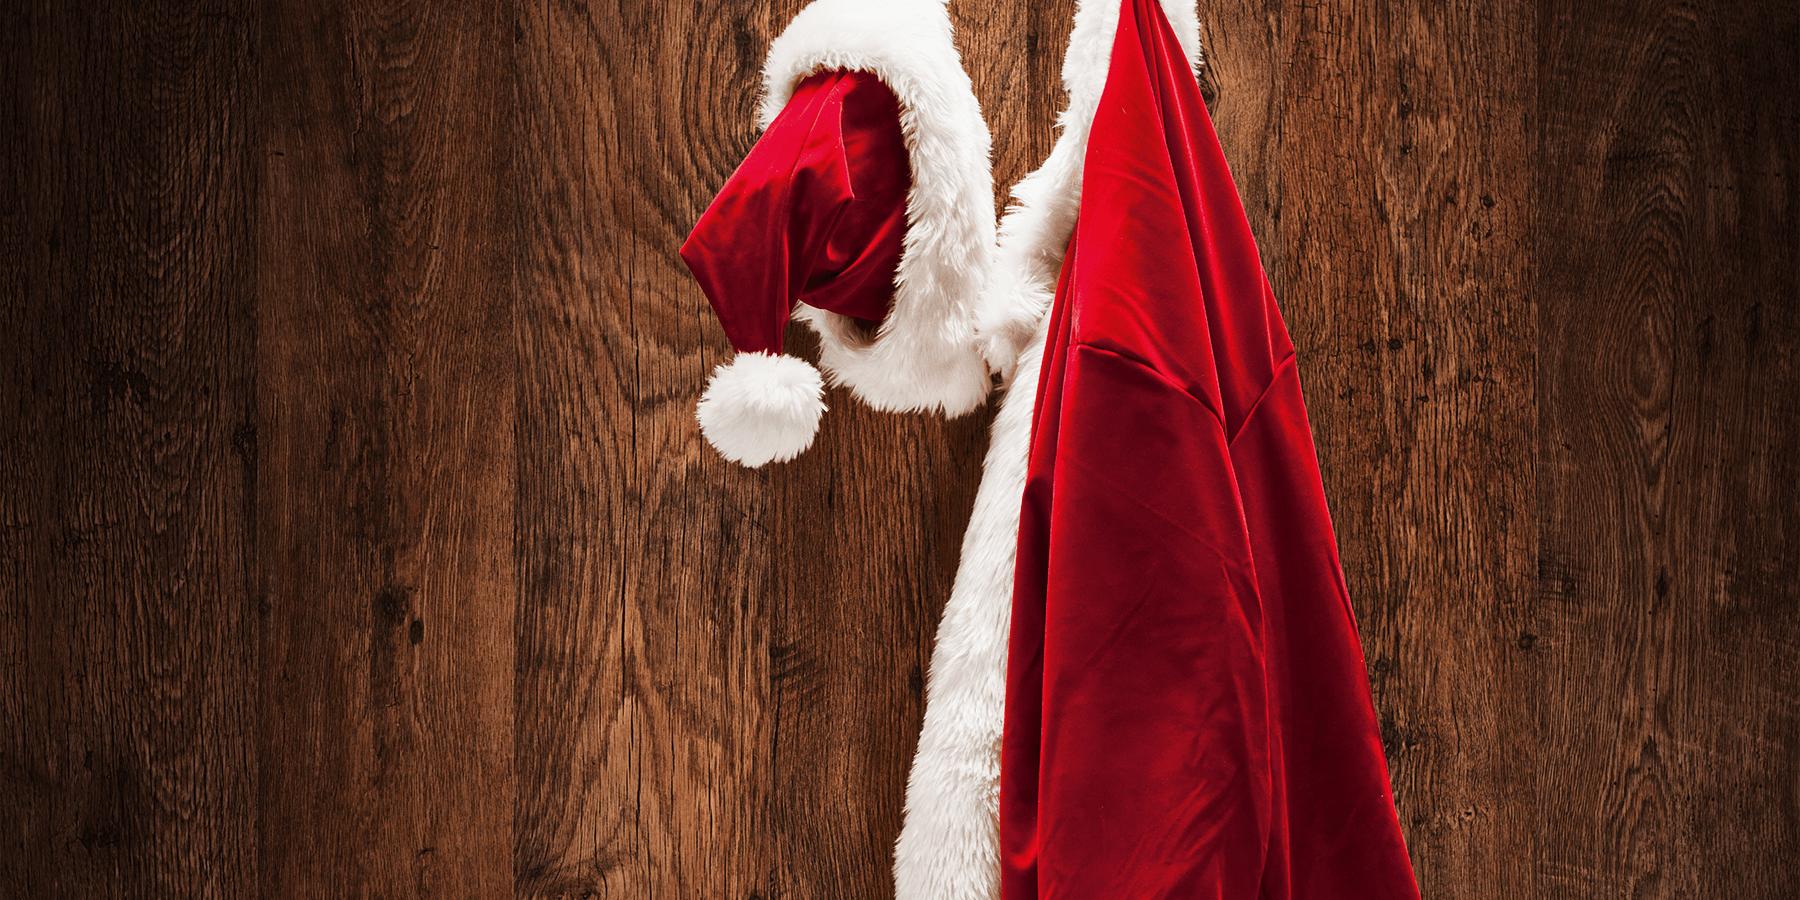 Say hi to Santa!